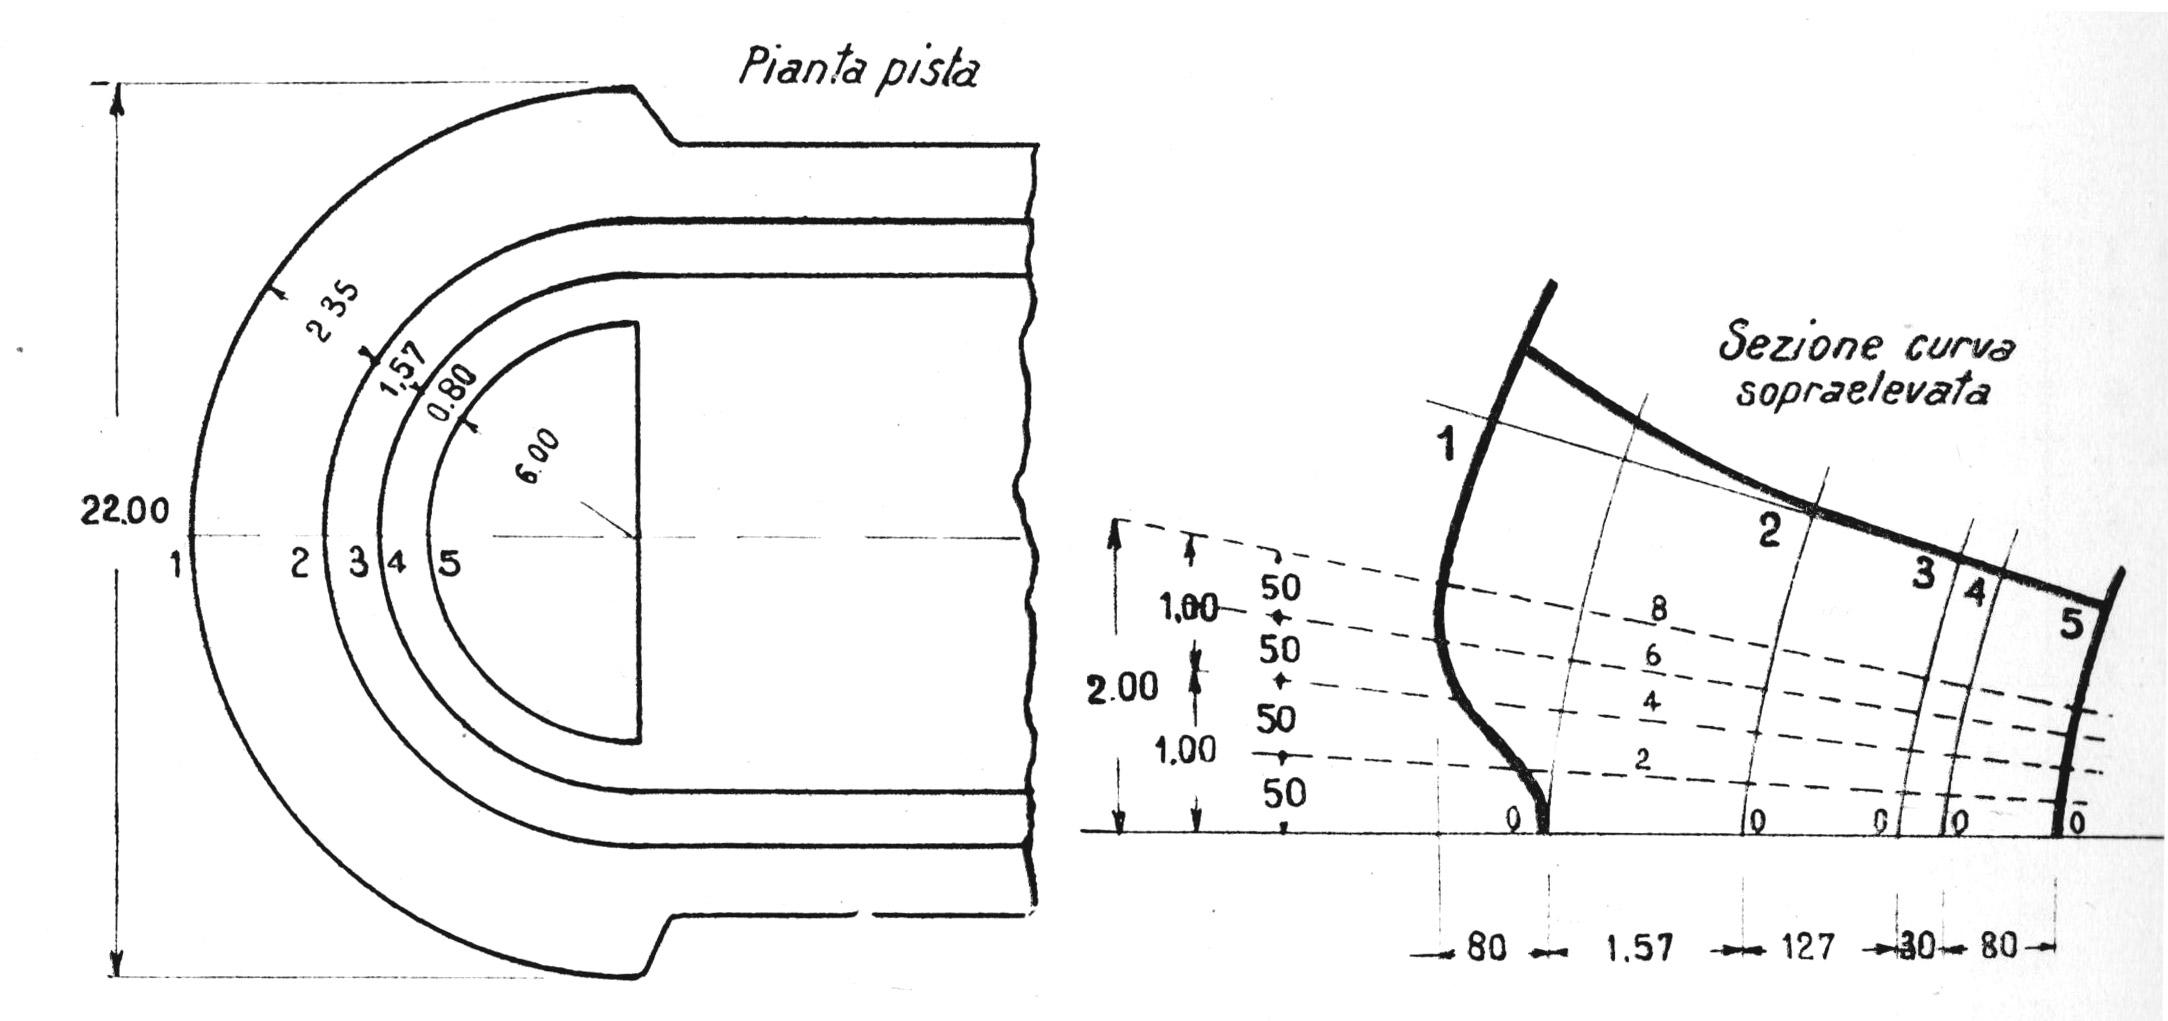 Figura 2 - Pianta pista di pattinaggio e sezione curva soprelevata per paraboliche esterne